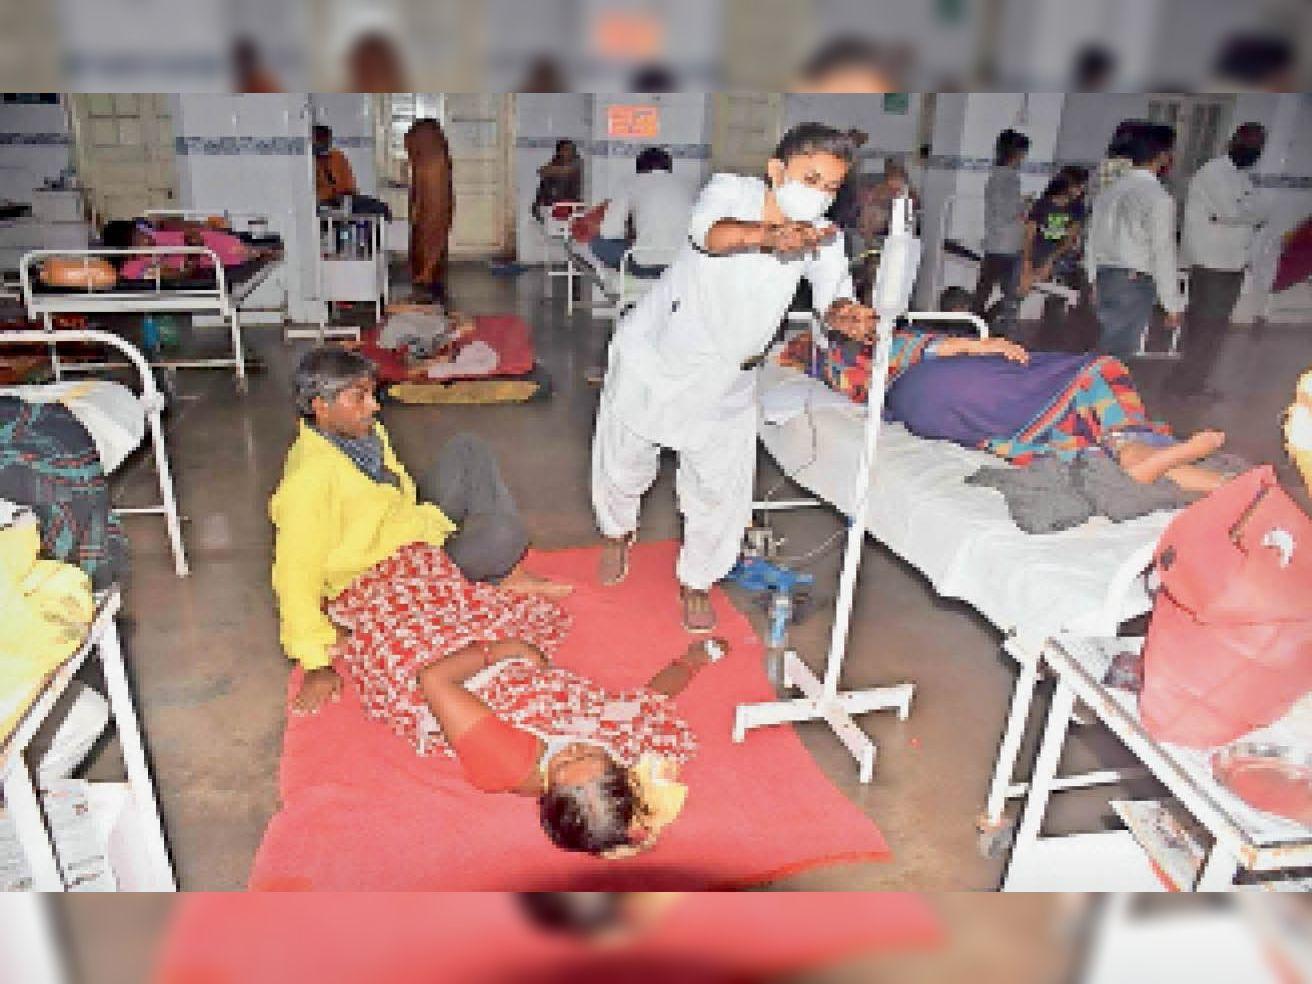 जिला अस्पताल में अभी के हालात - Dainik Bhaskar